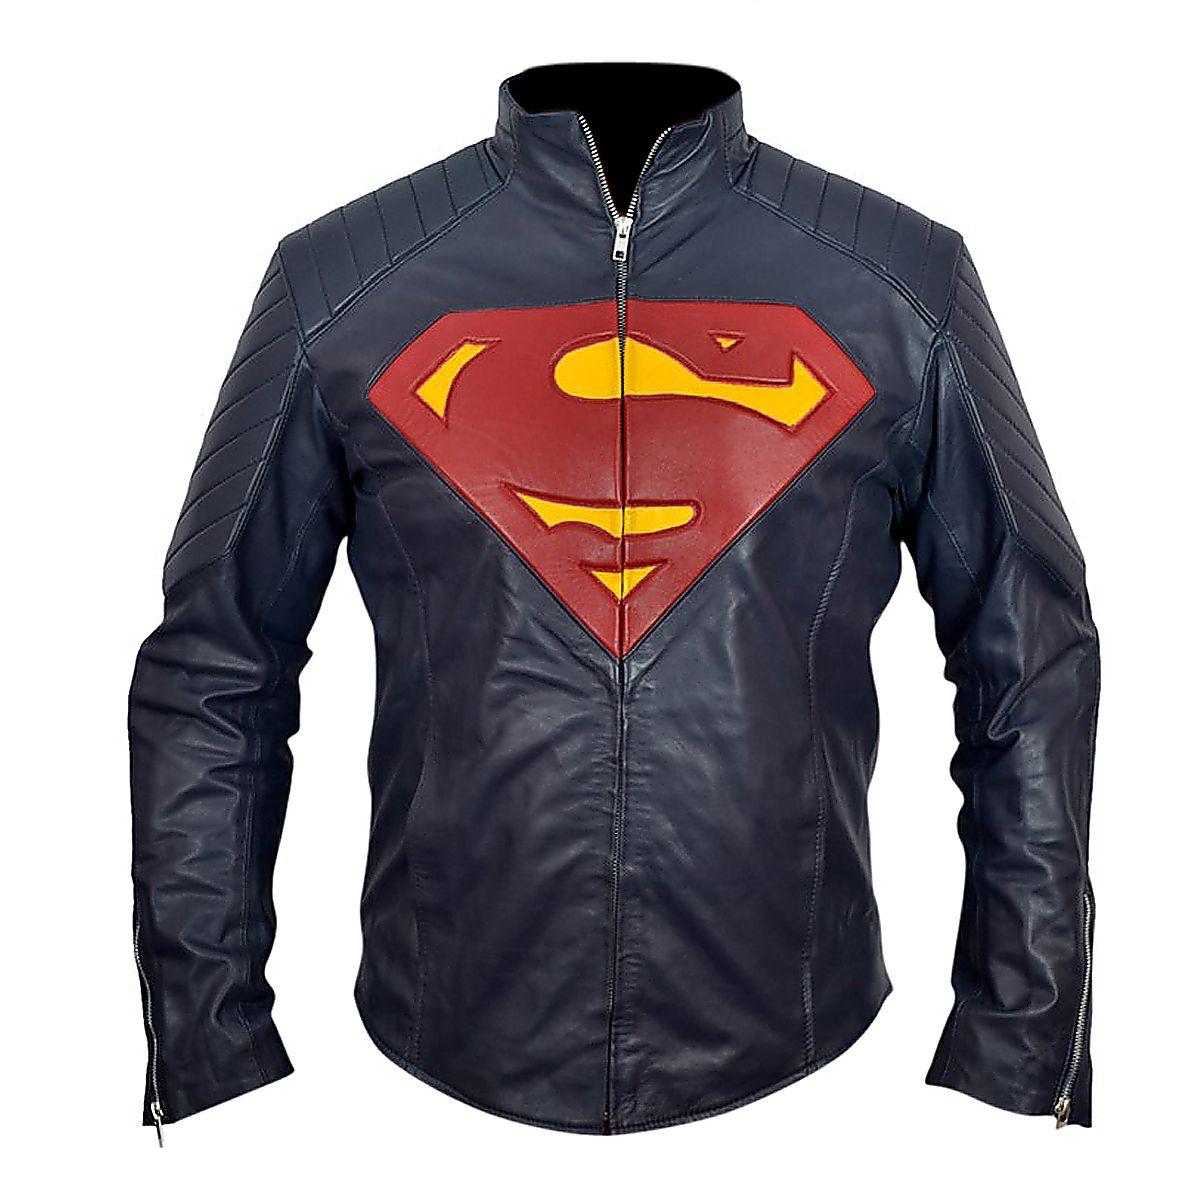 SUPER MAN JACKET FOR MEN,JACKET WOR.. Blue leather